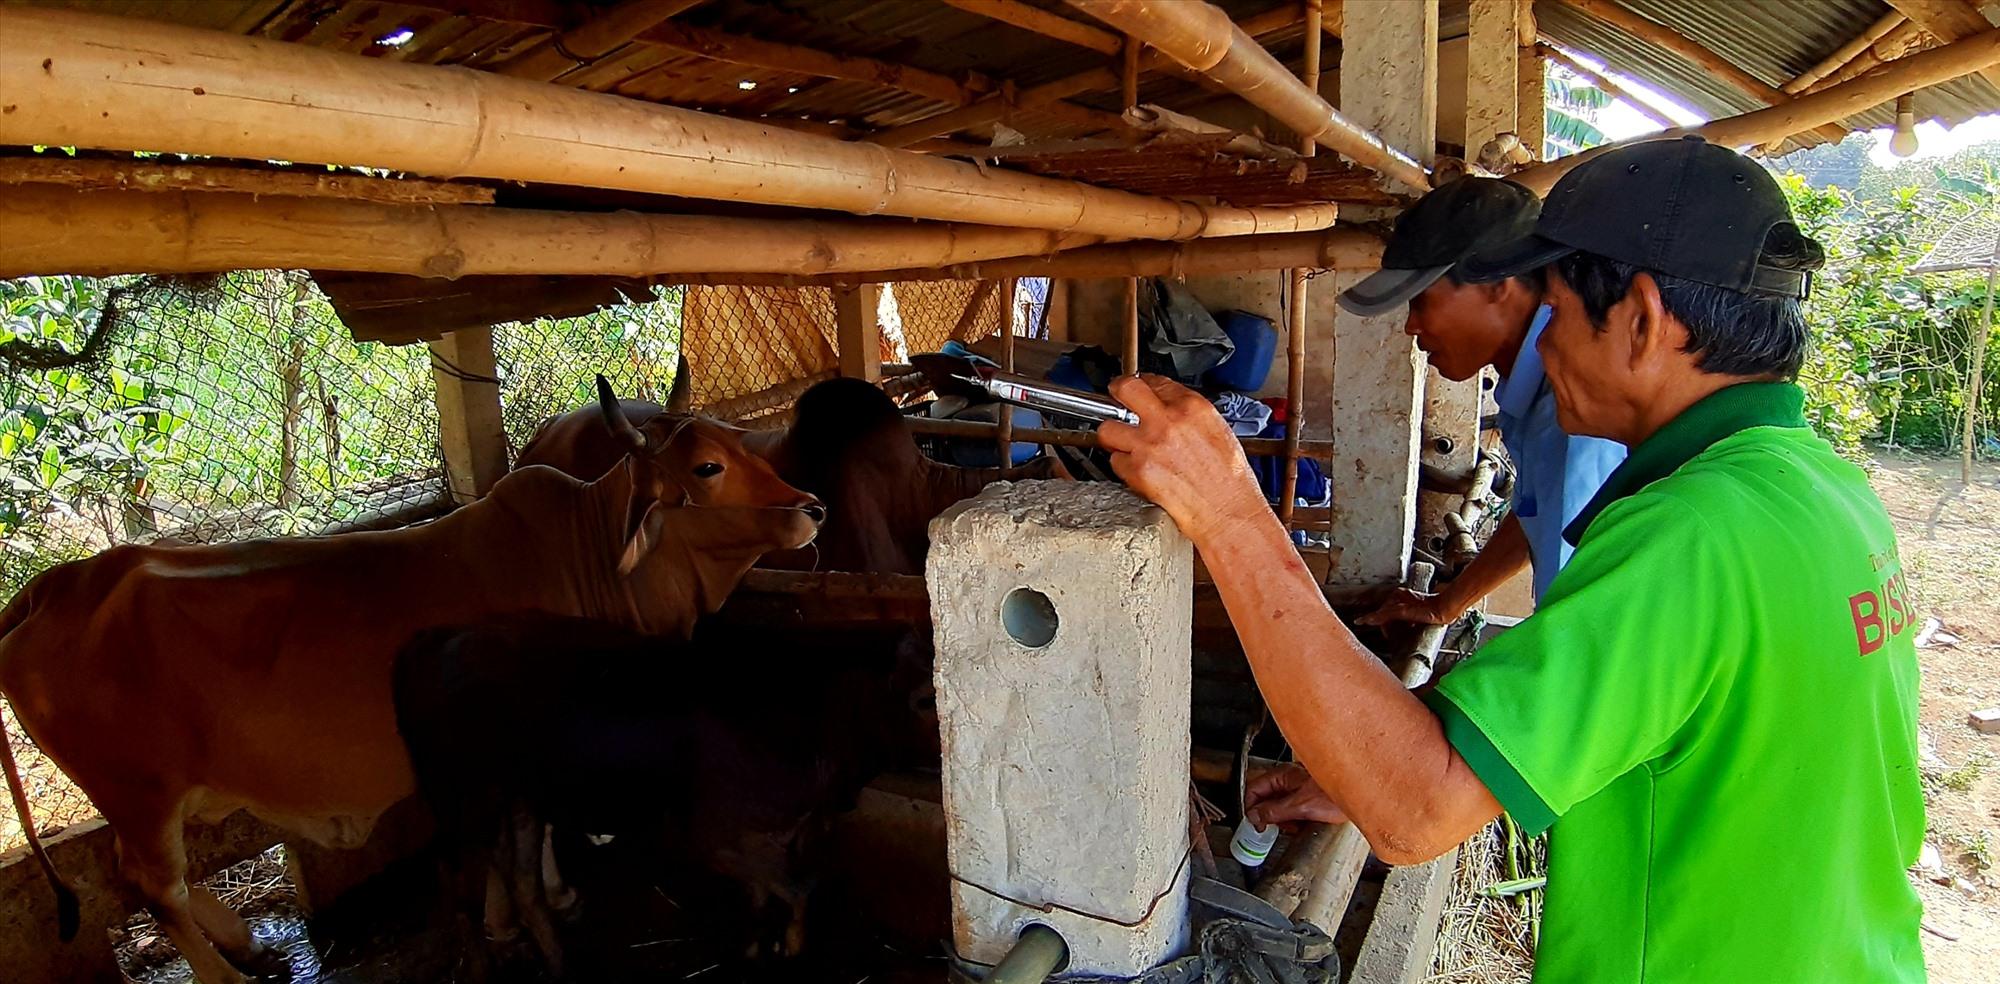 Lực lượng thú y cơ sở của huyện Duy Xuyên đang khẩn trương triển khai tiêm vắc xin phòng bệnh LMLM cho đàn gia súc. Ảnh: T.S